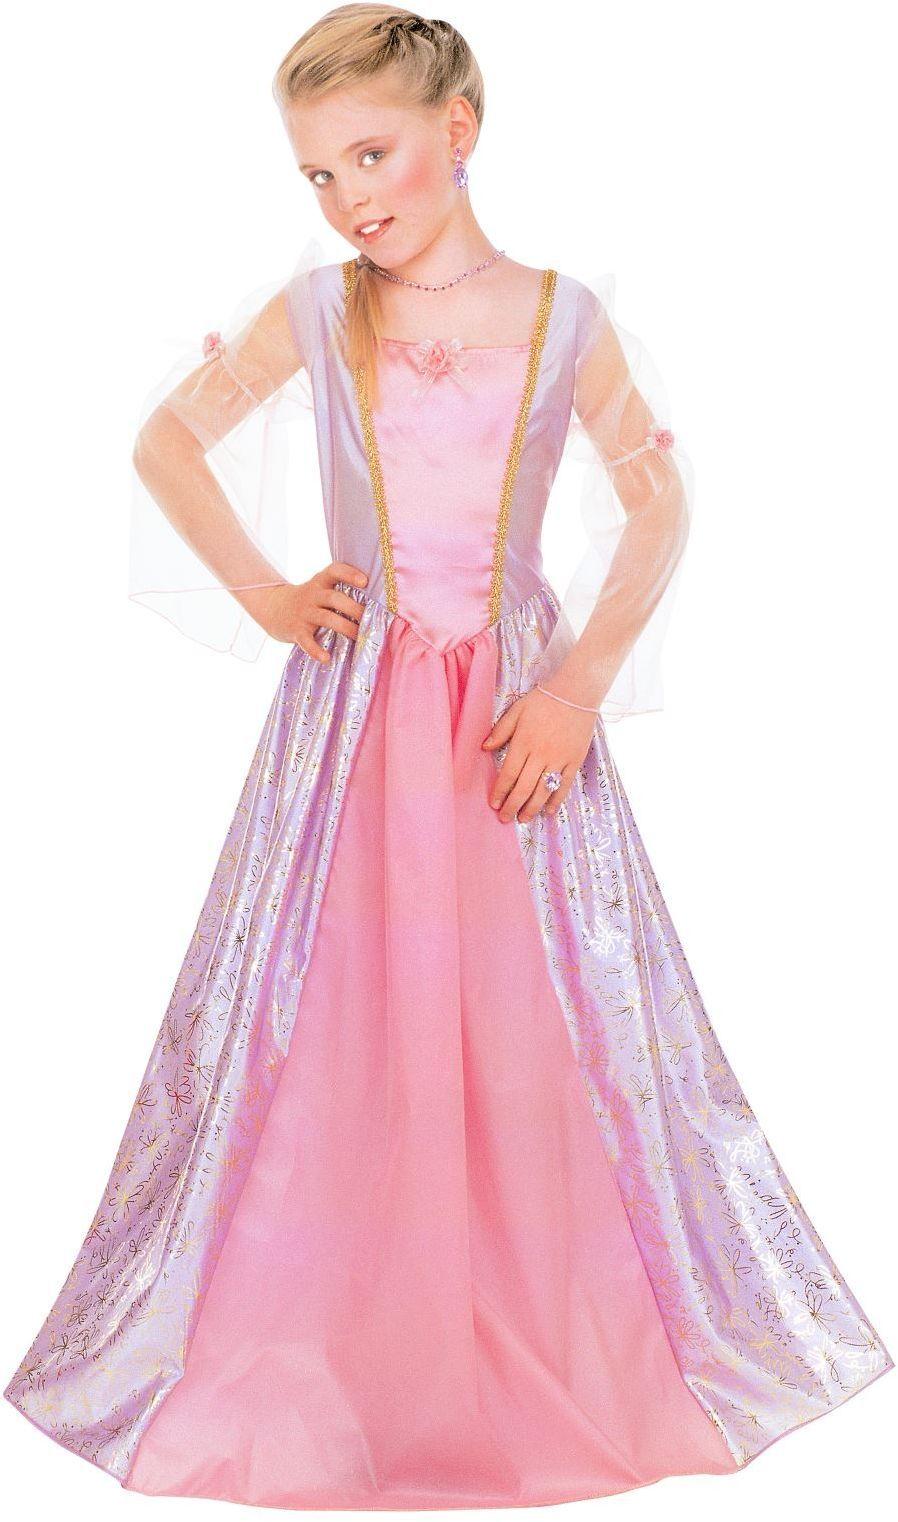 Lange roze jurk meisjes